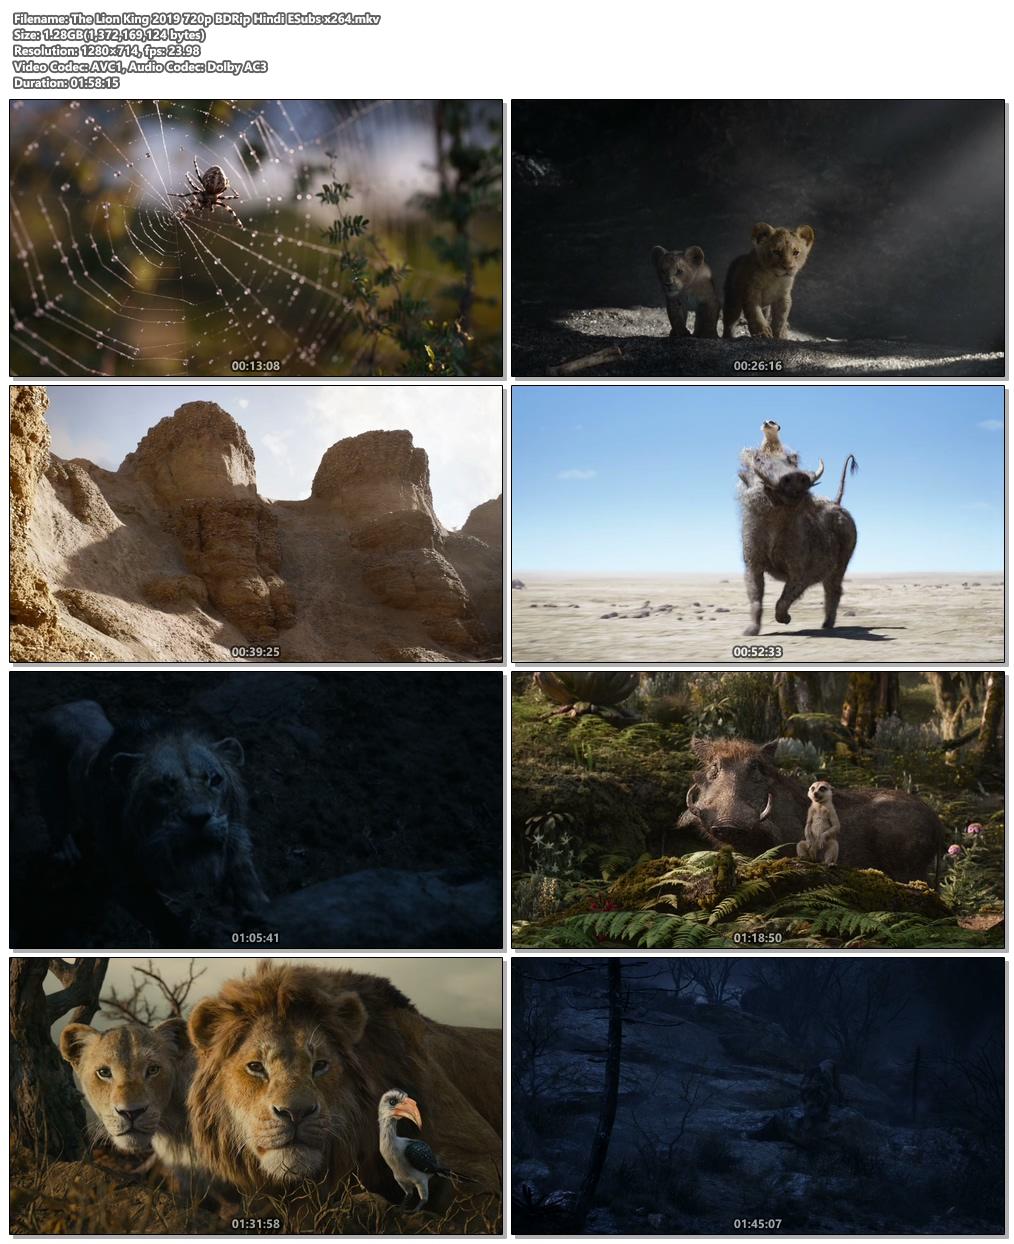 The Lion King 2019 720p BDRip Hindi ESubs x264 | 480p 300MB | 100MB HEVC Screenshot